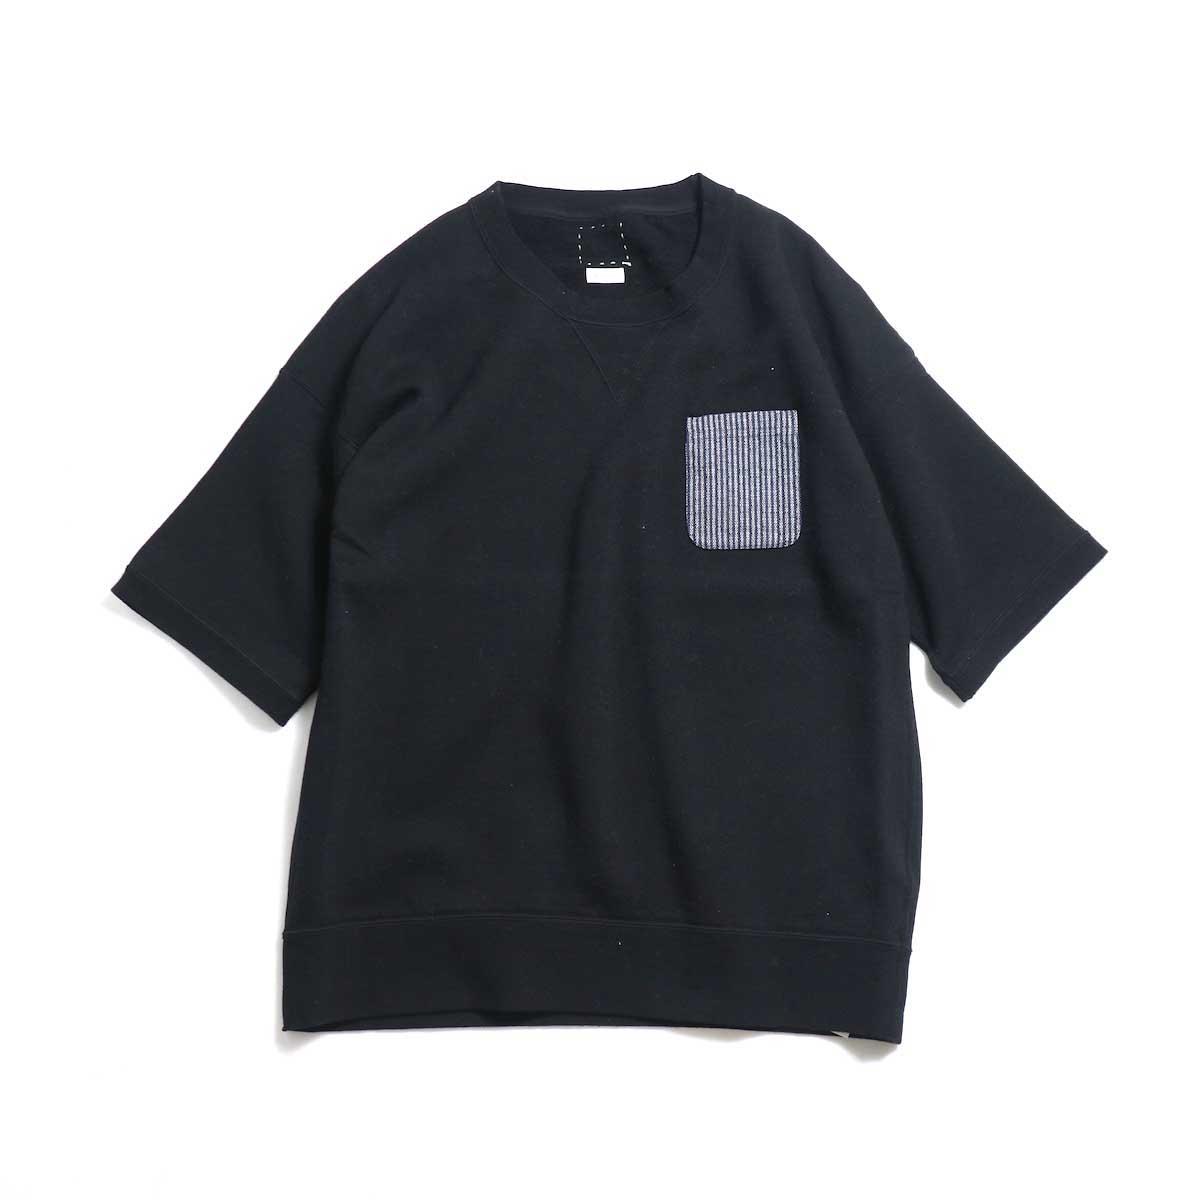 visvim / JUMBO PCKT S/S -Black